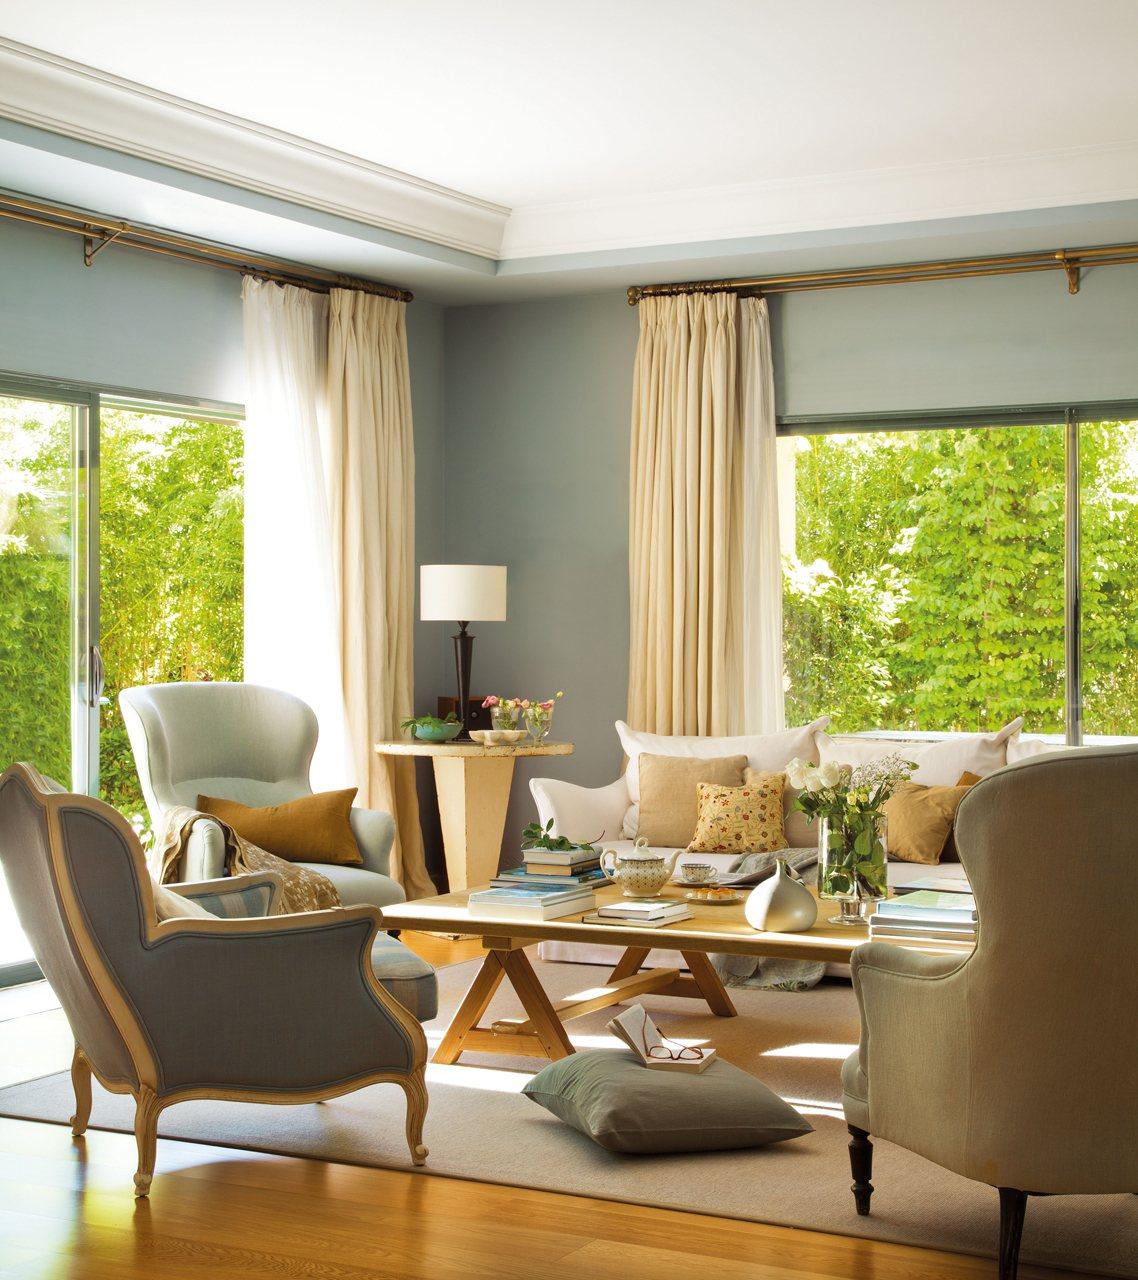 Casa y jard n en verdes y azules for Cortinas para paredes grises